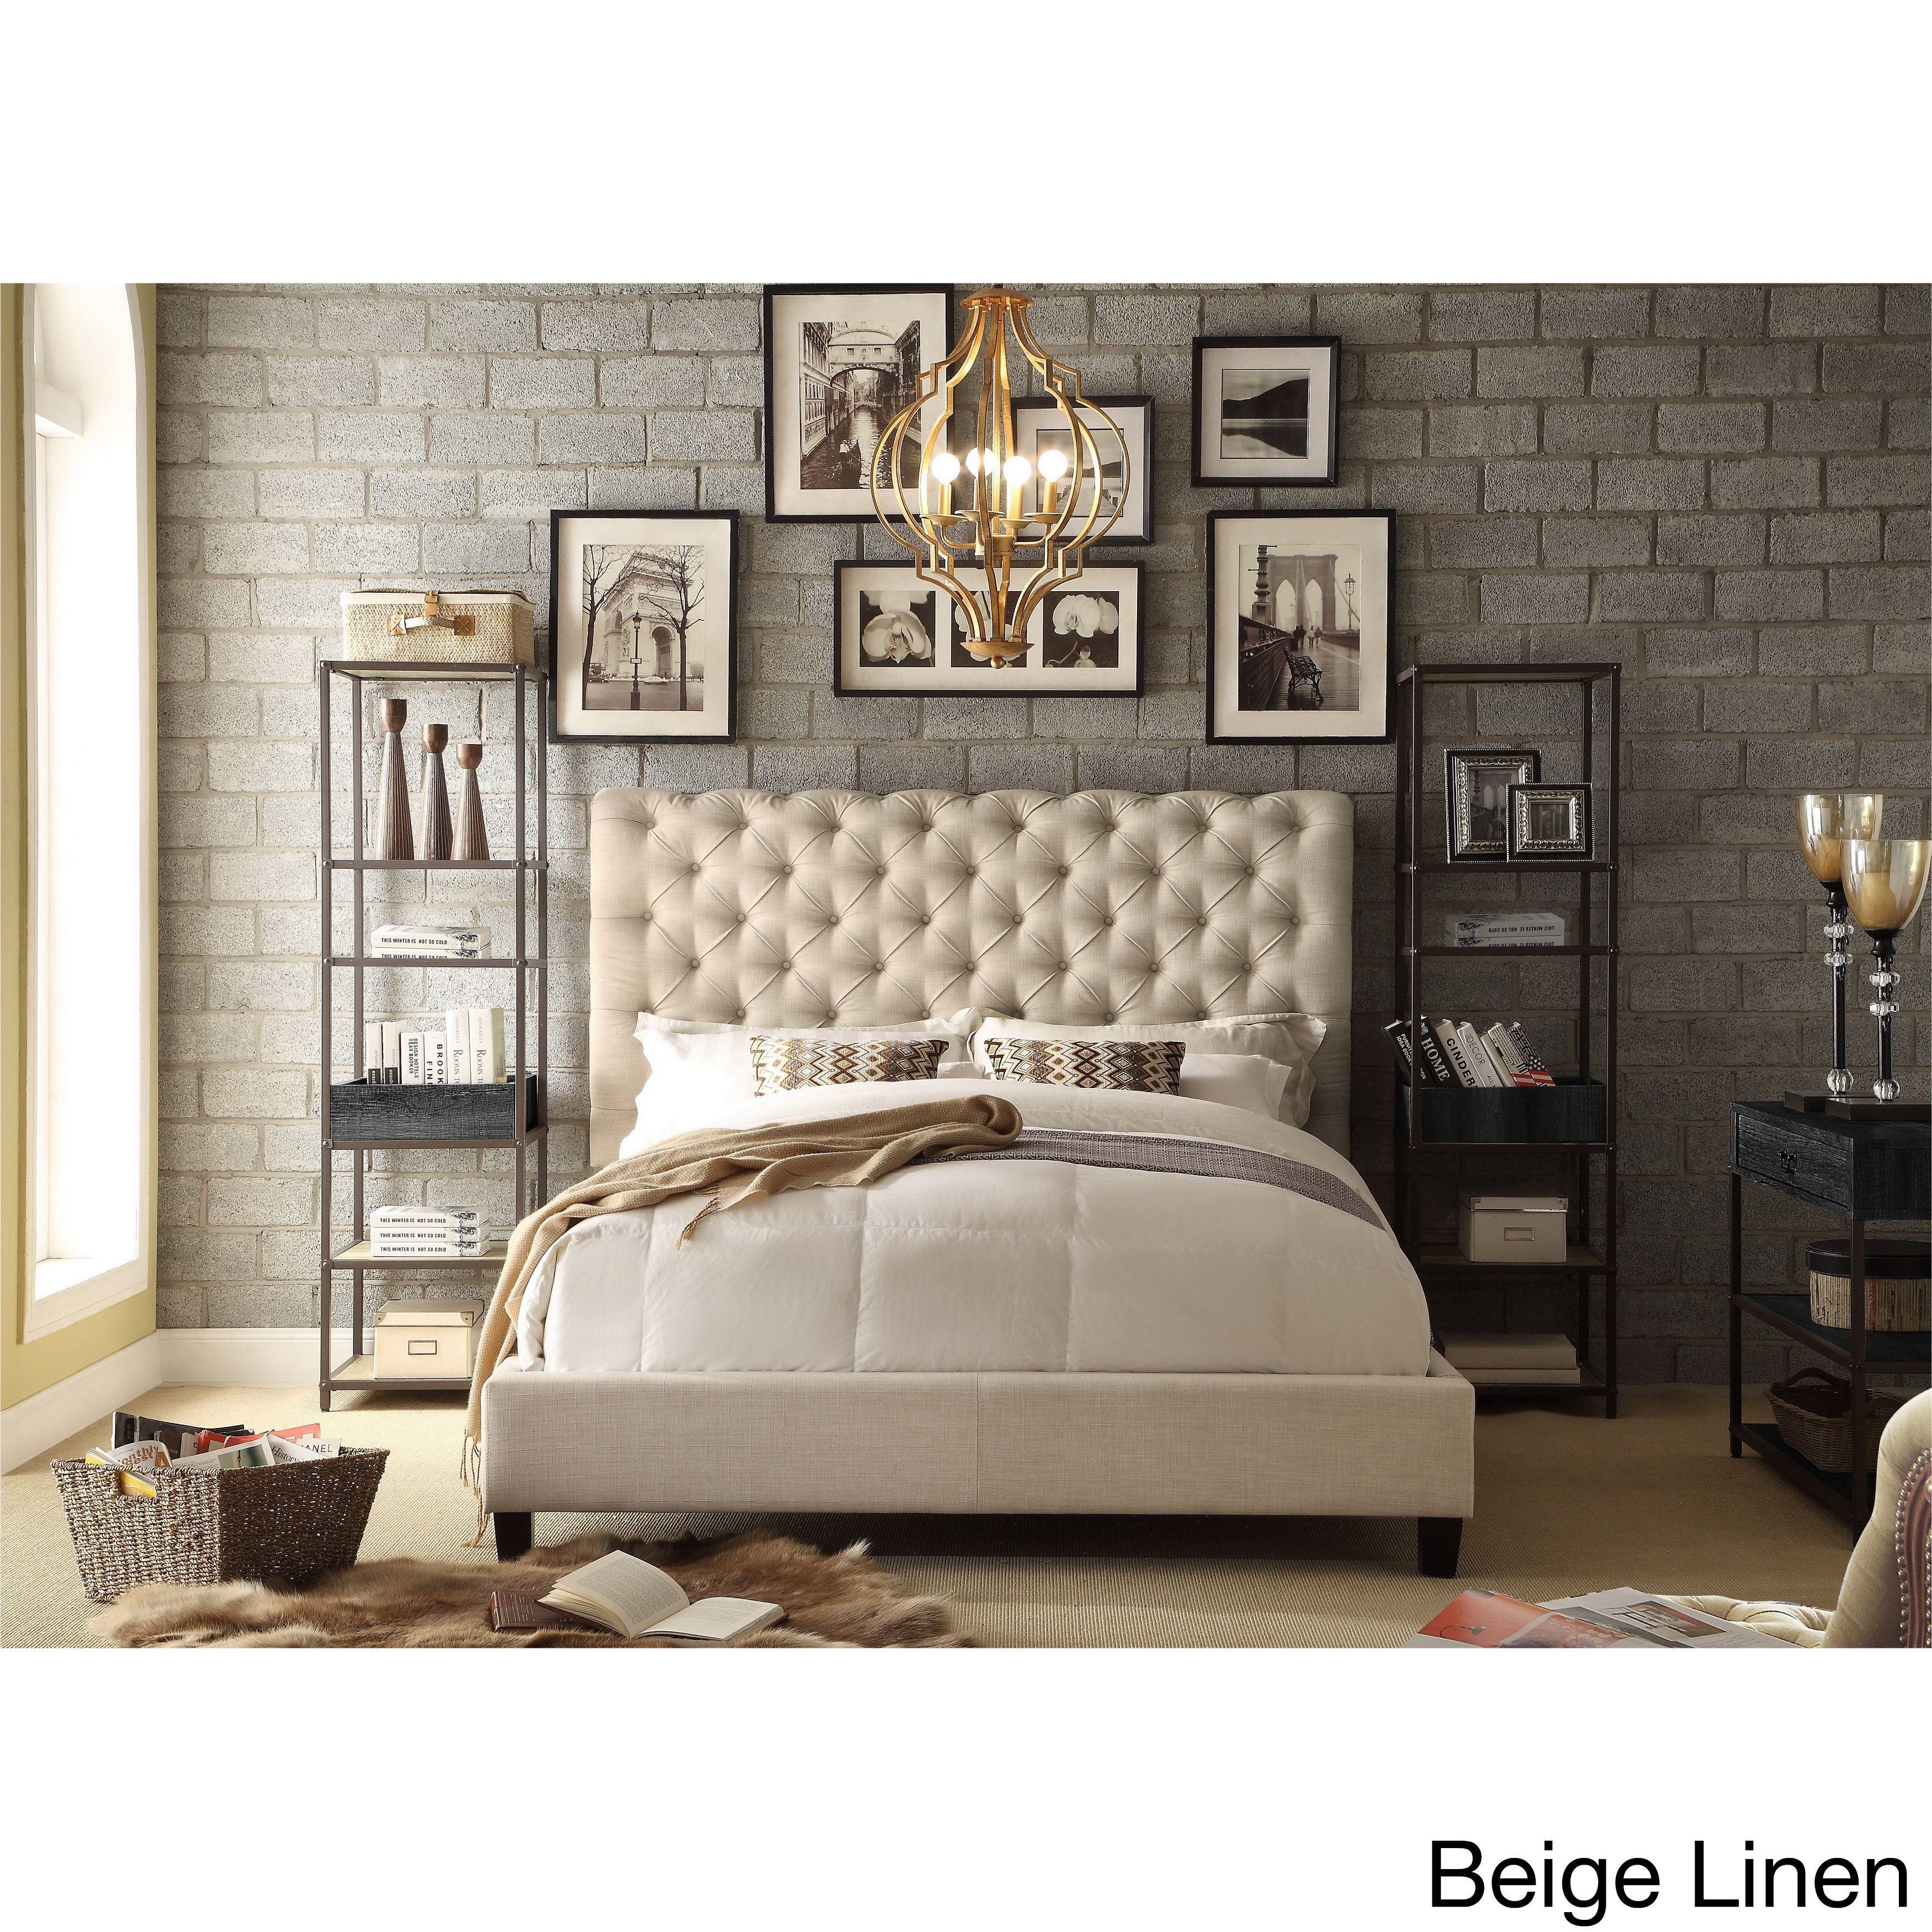 Moser Bay Furniture Calia Tufted Upholstered Platform Bed Beige